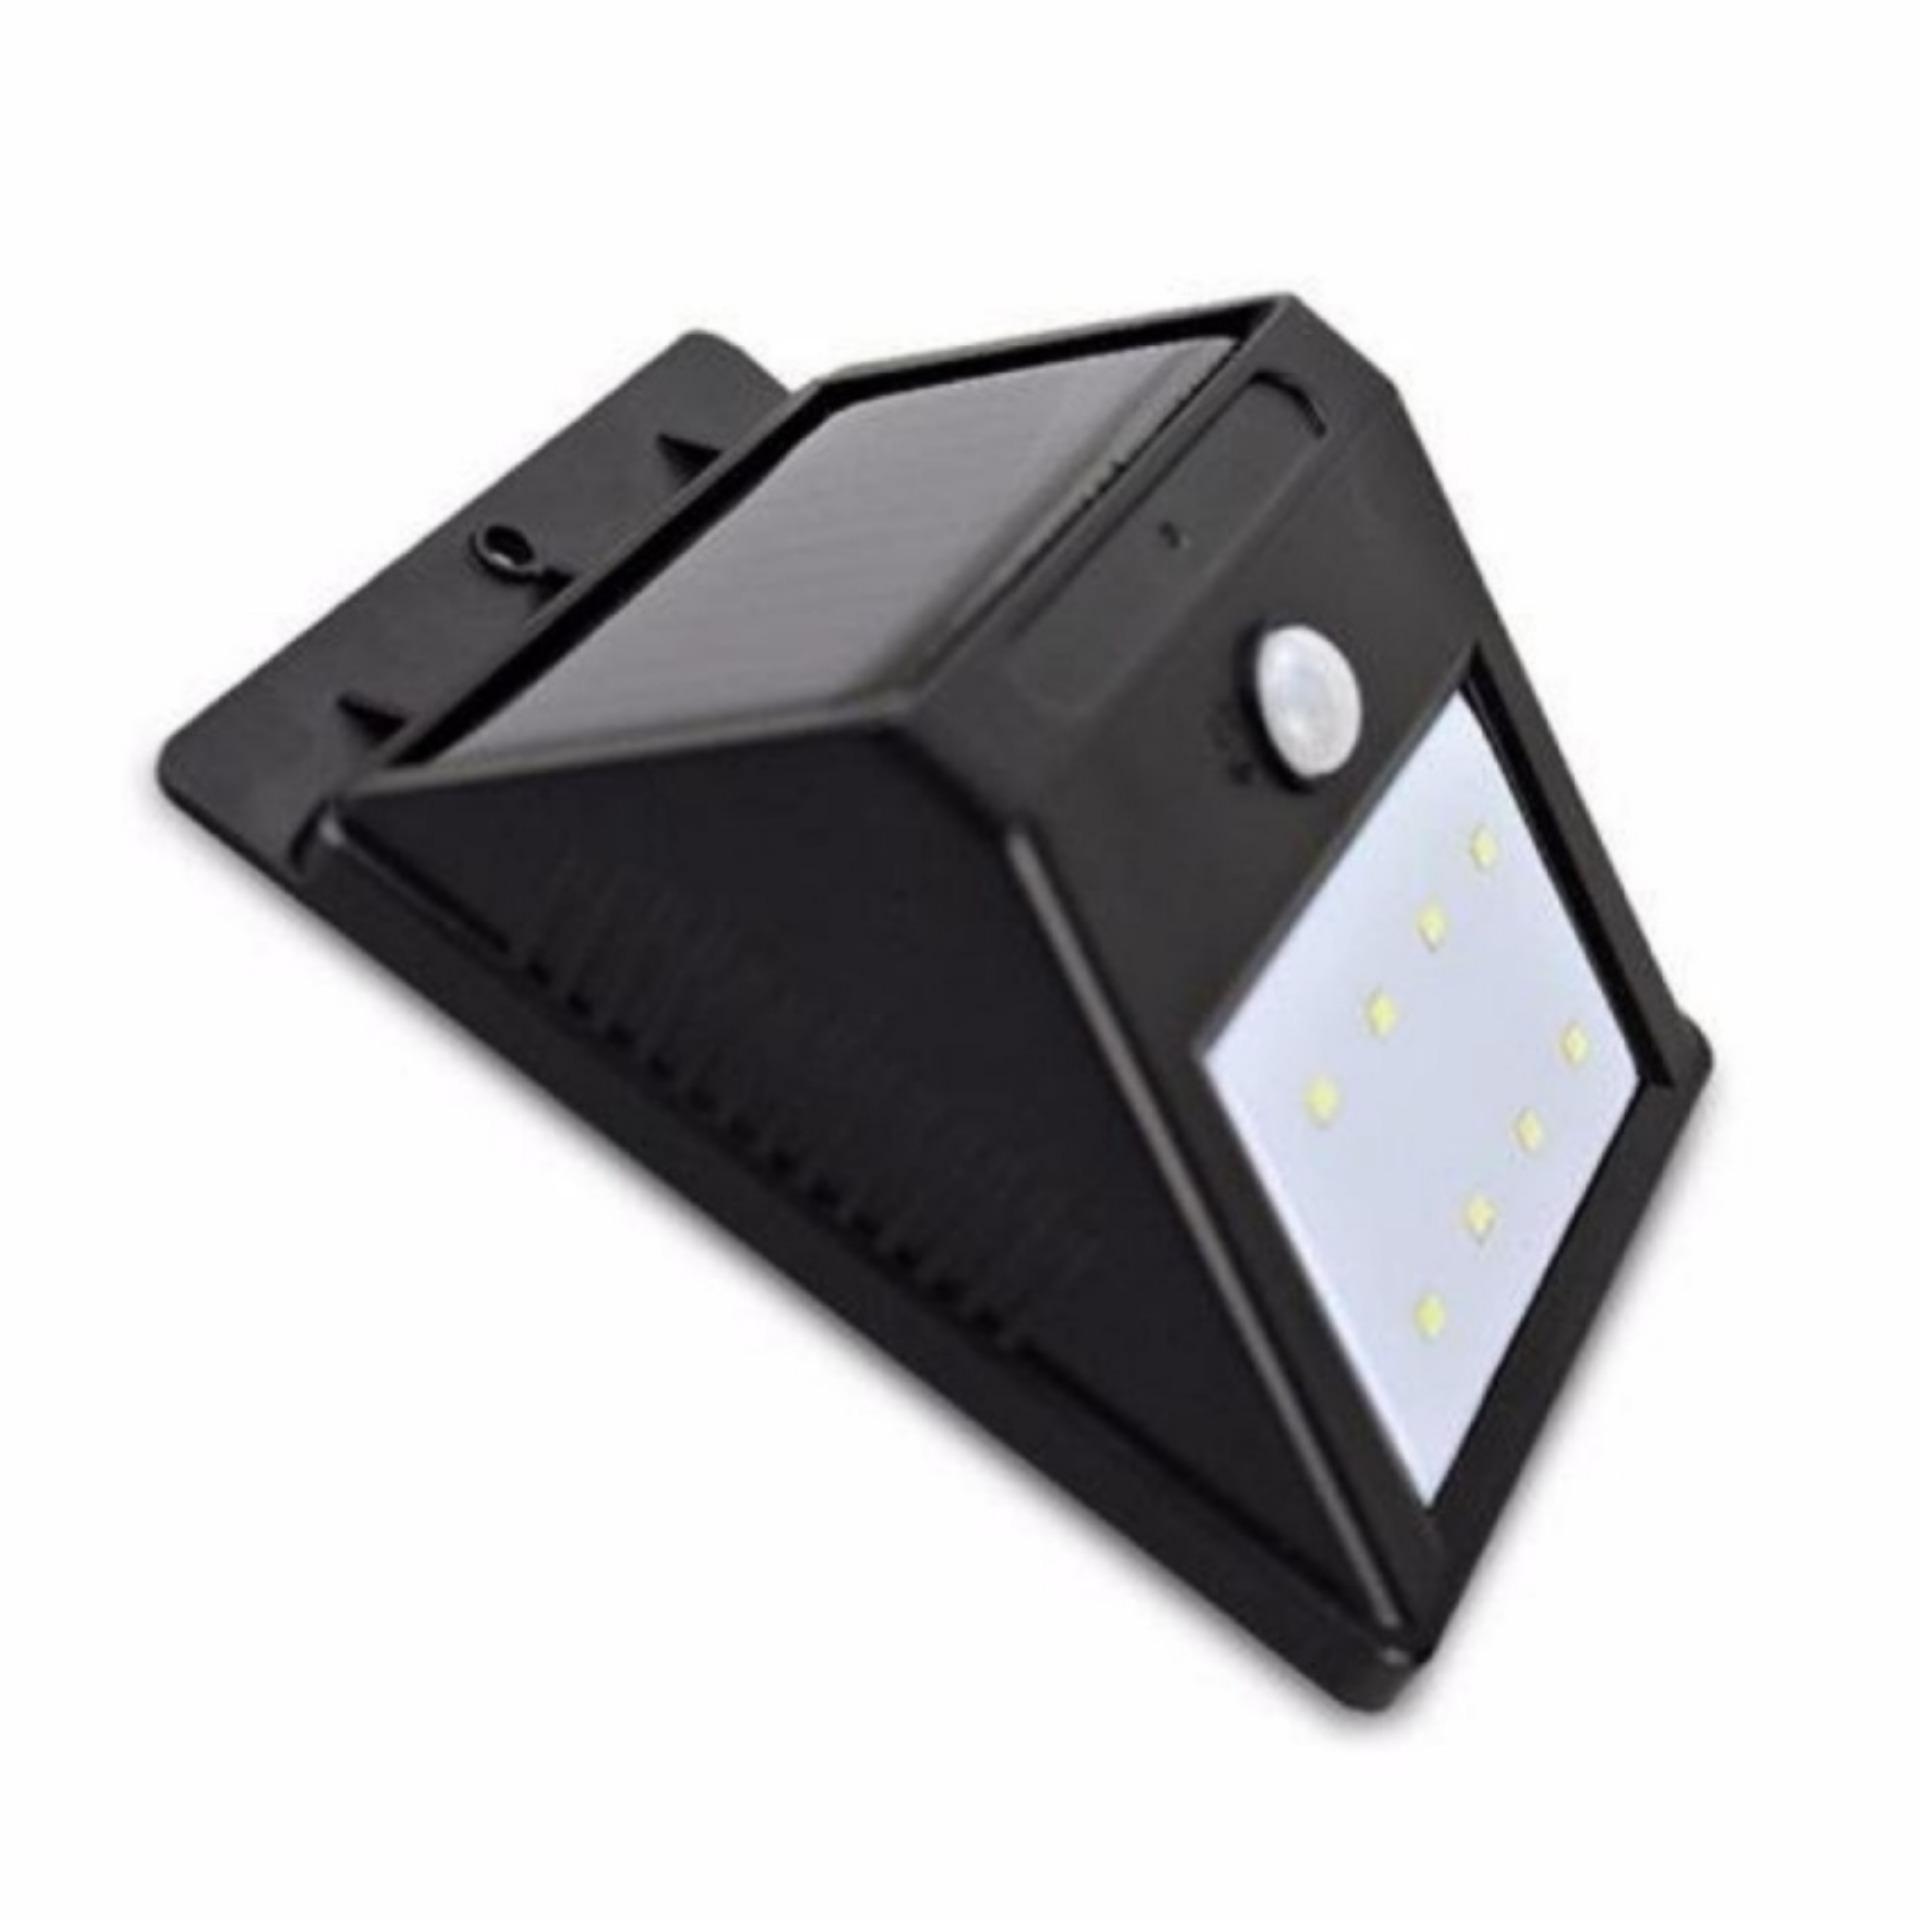 Cách mua Đèn cảm biến hồng ngoại dùng pin năng lượng mặt trời Ever Brite (Đen)